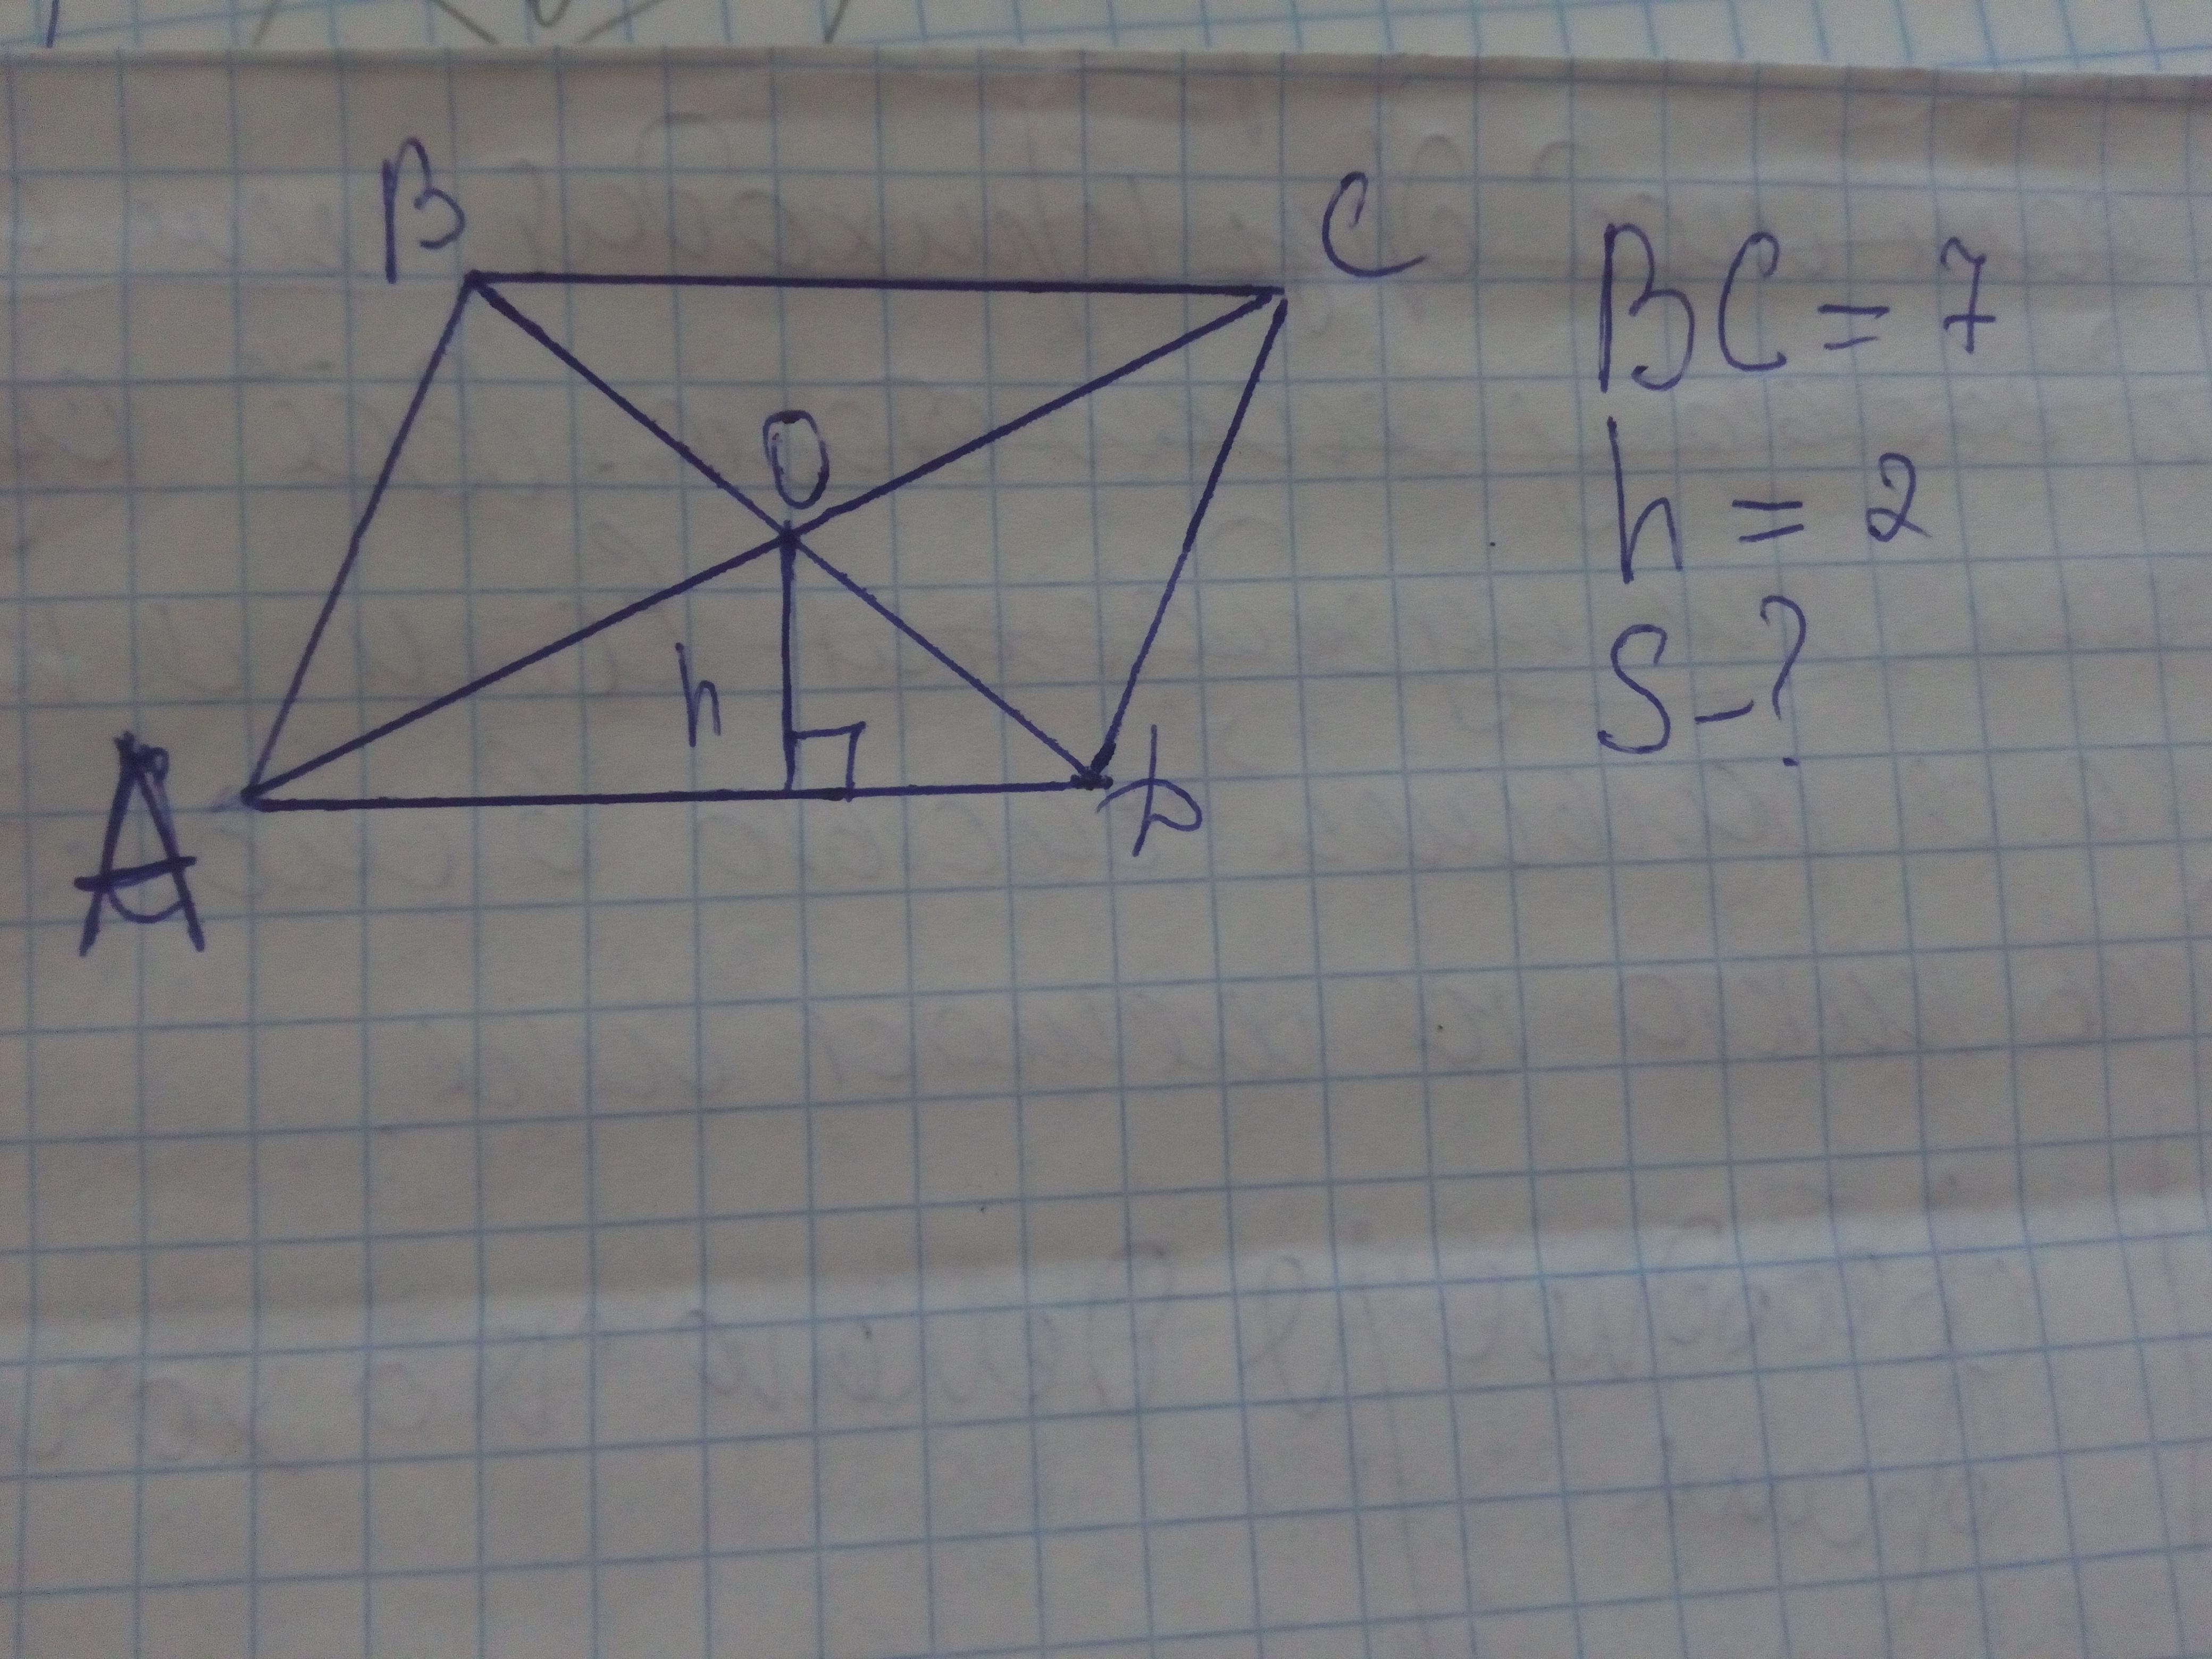 Помогите с задачей! Как найти площадь? (См. на фото)